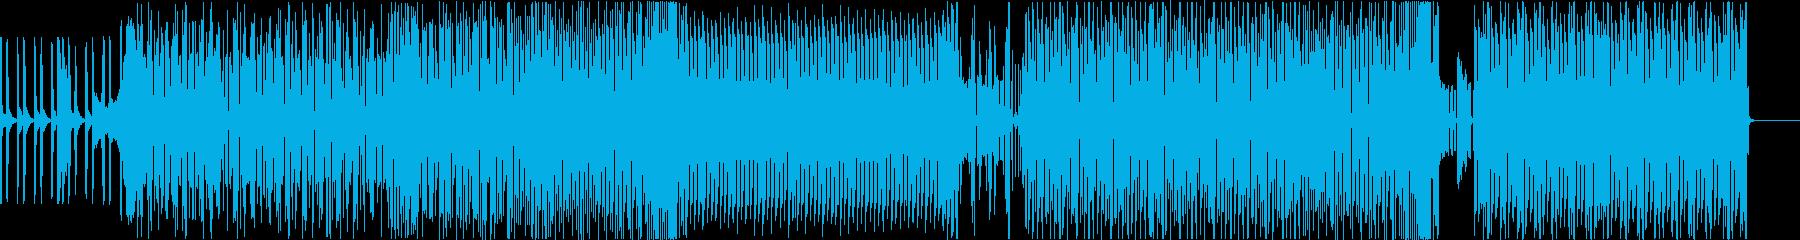 ショップで流れてそうなBassHouseの再生済みの波形